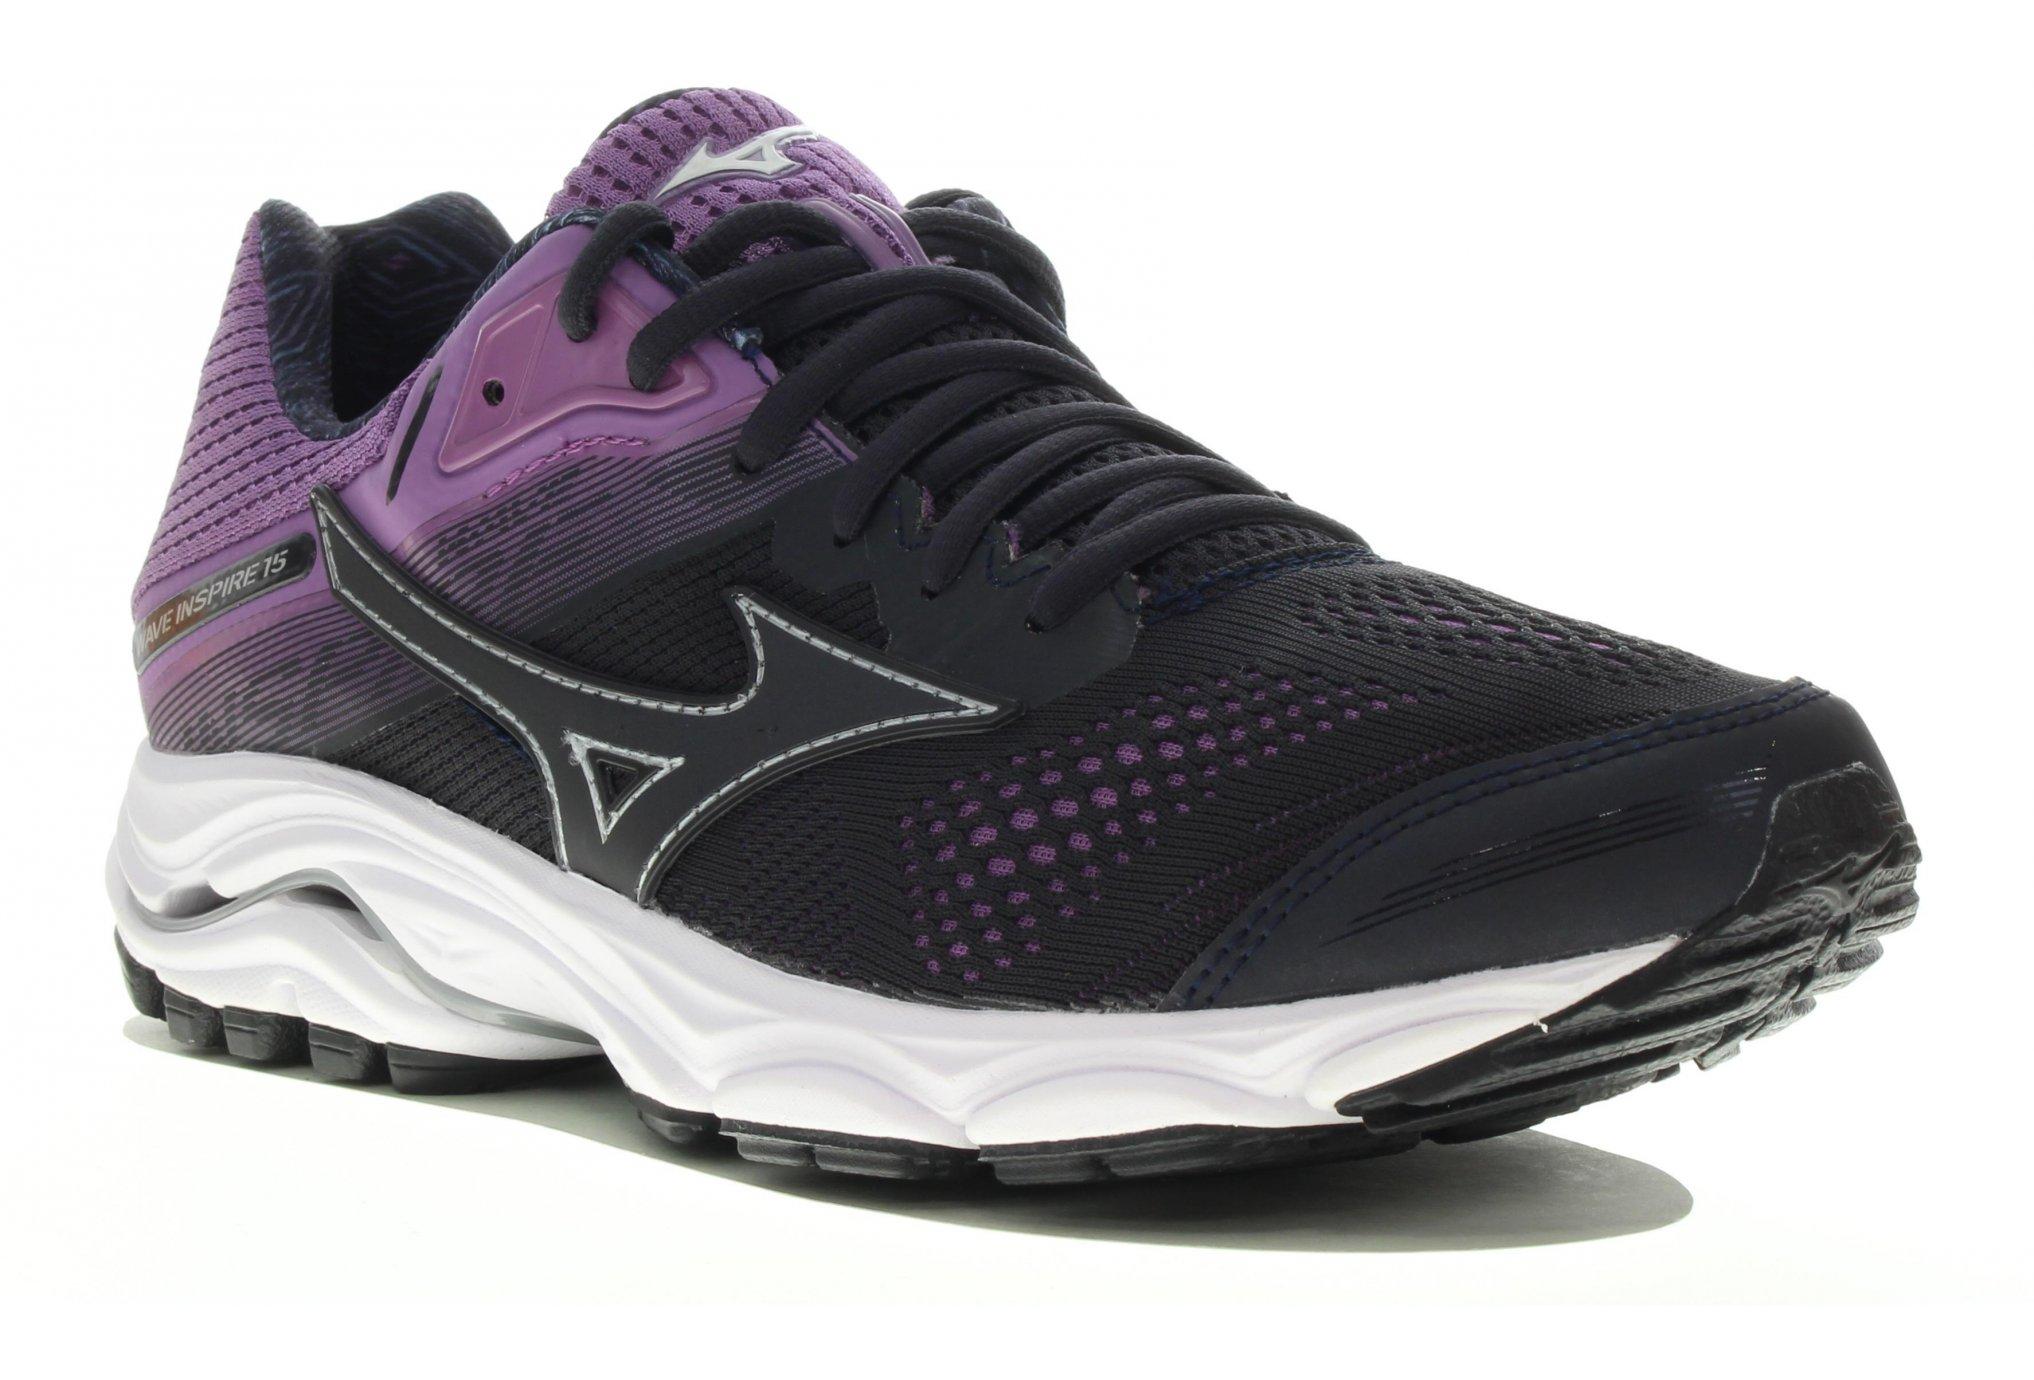 Mizuno Wave Inspire 15 Chaussures running femme